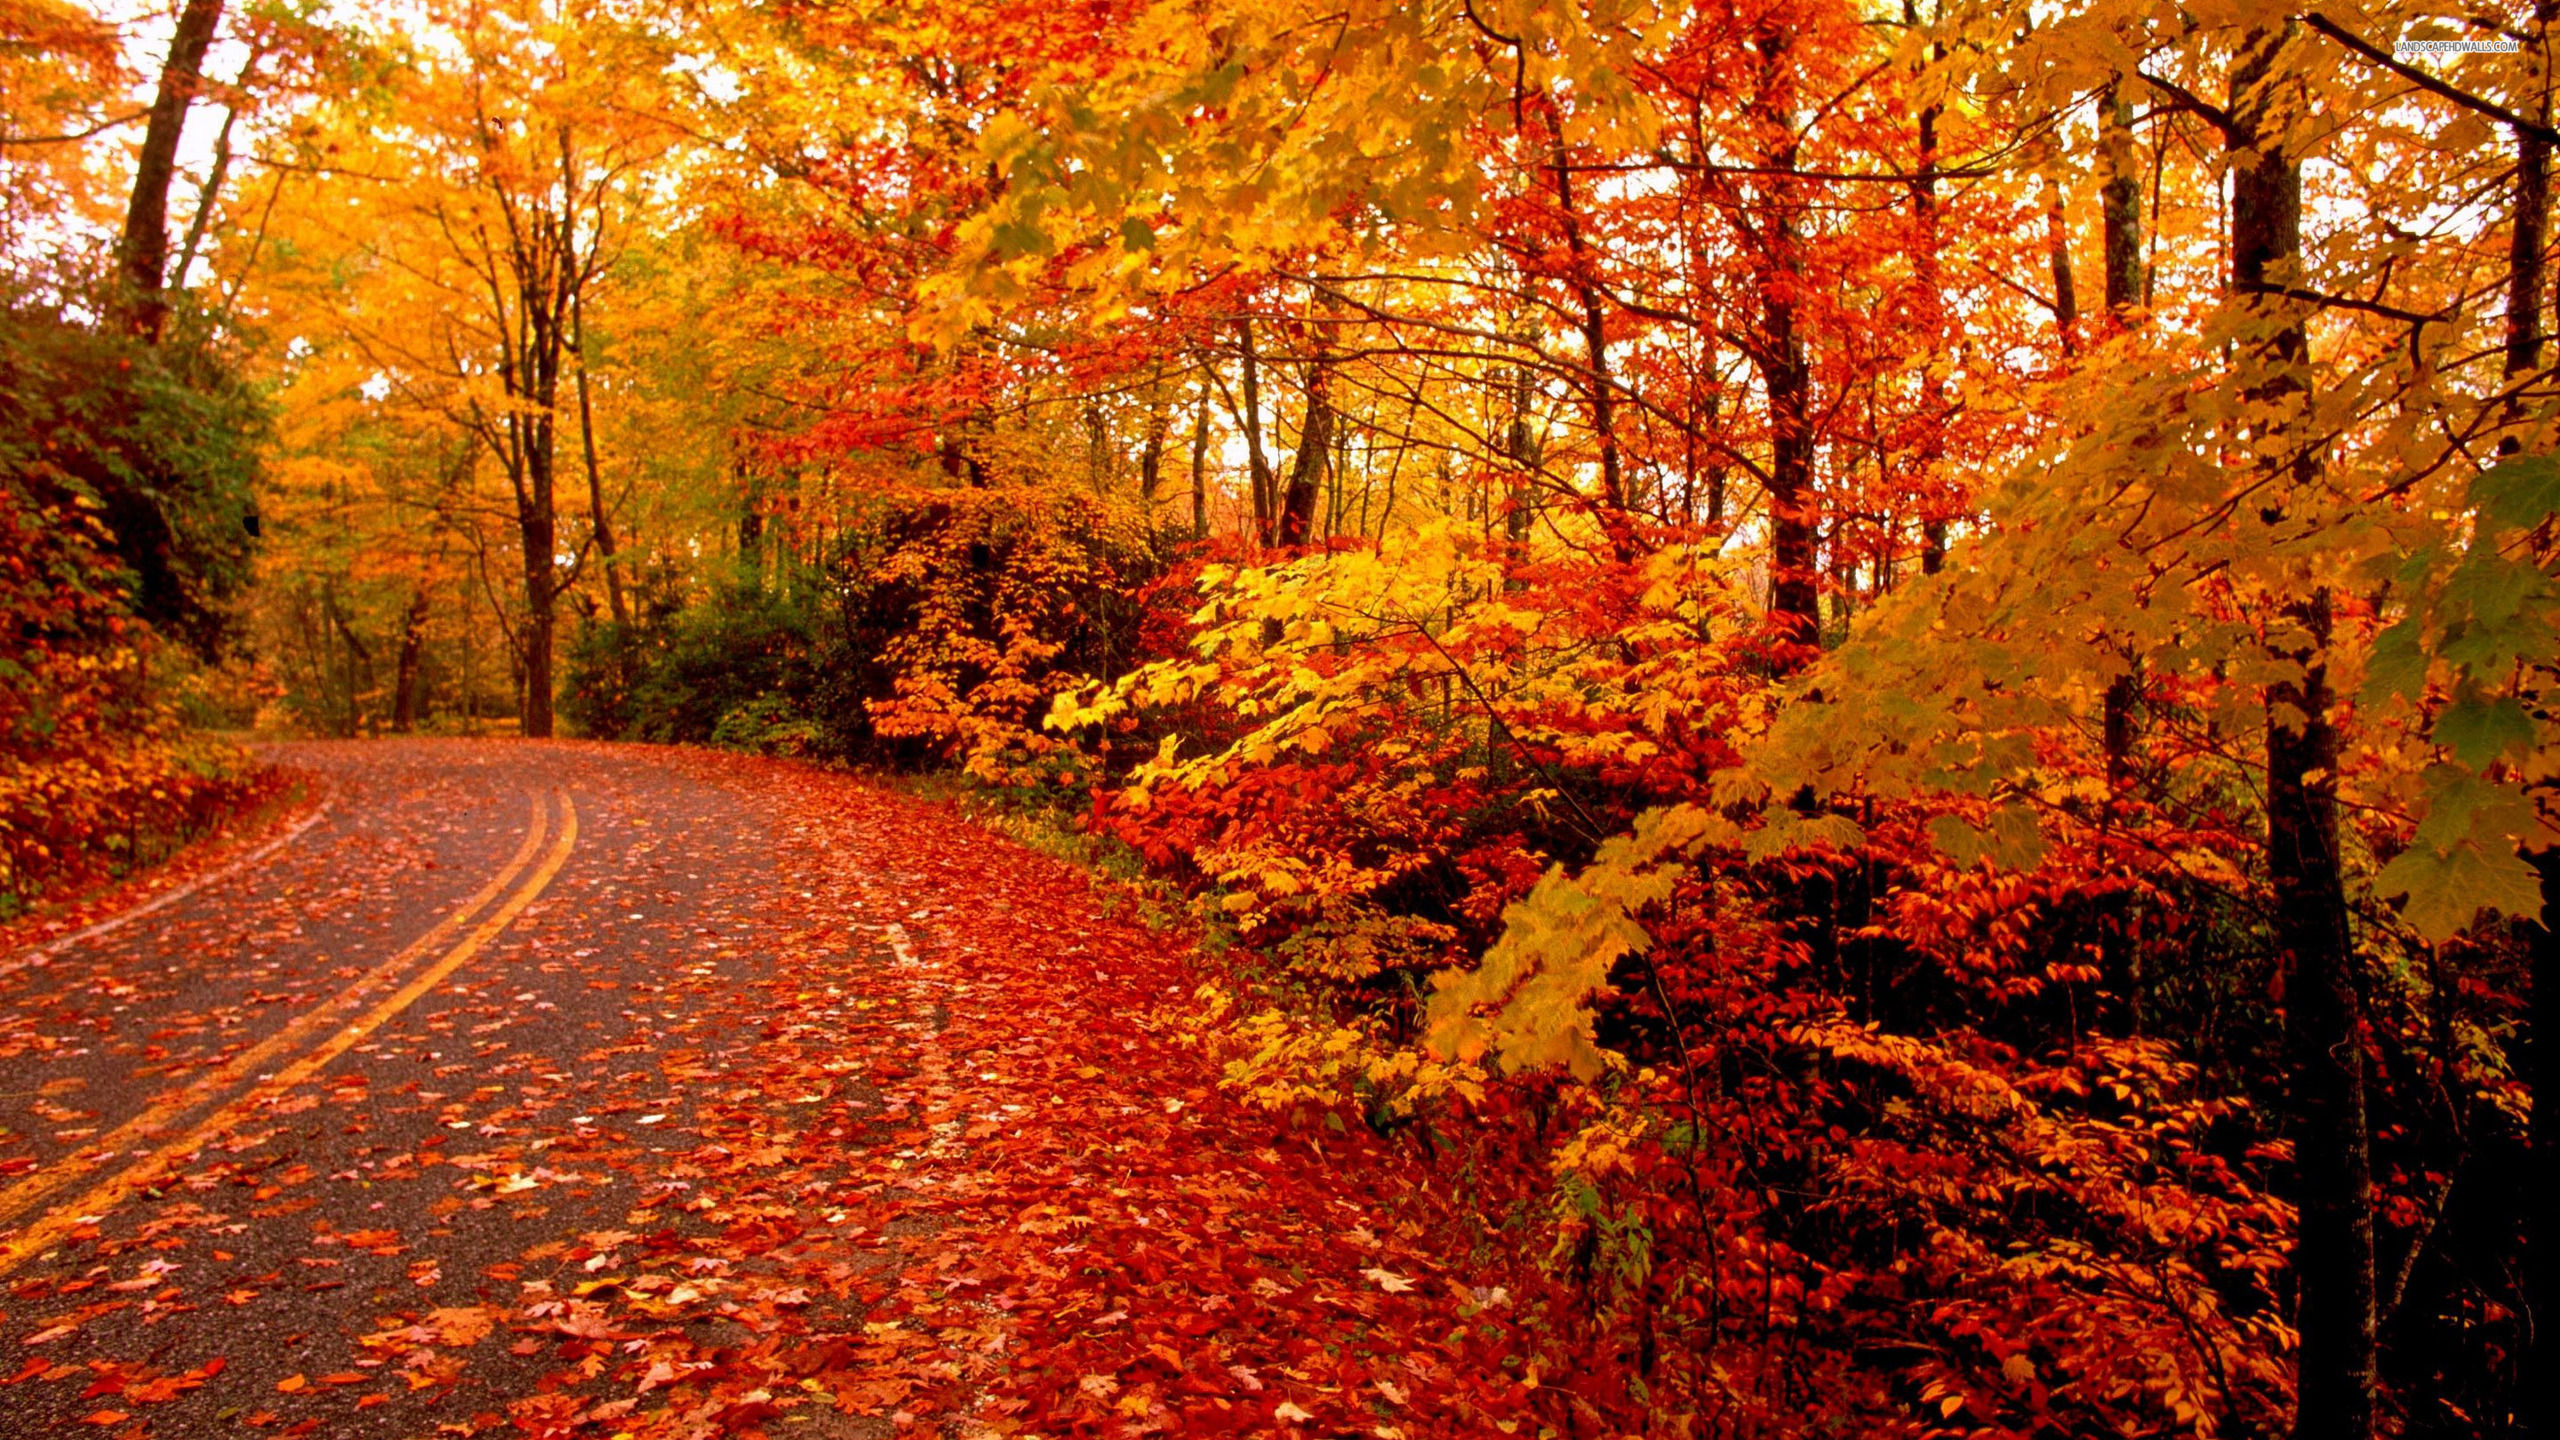 fond d'ecran gratuit sur l'automne